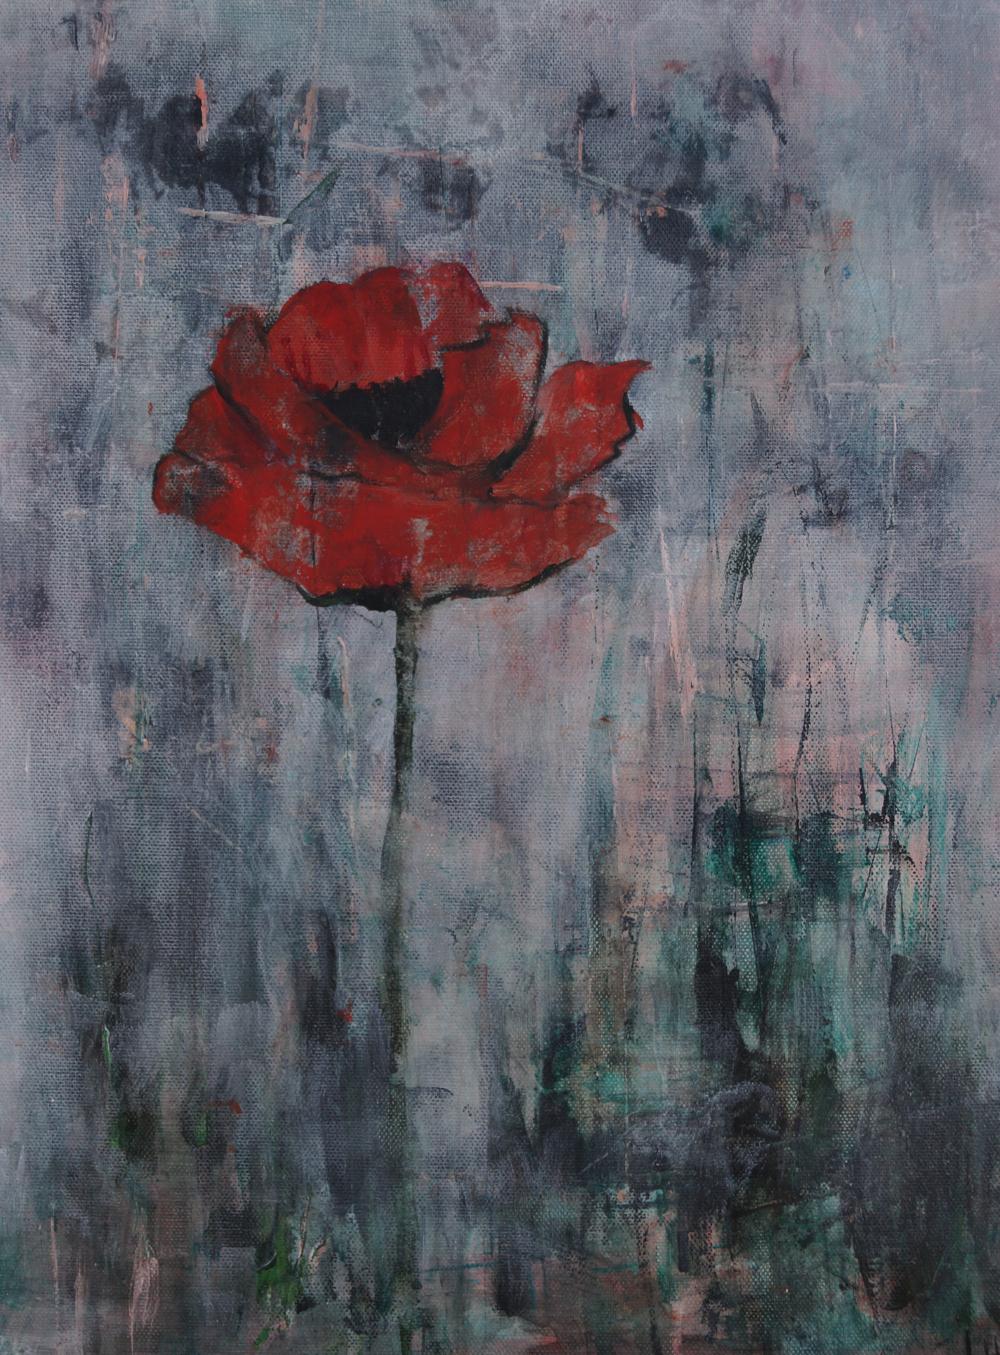 Red Poppy, Lindsay Higa